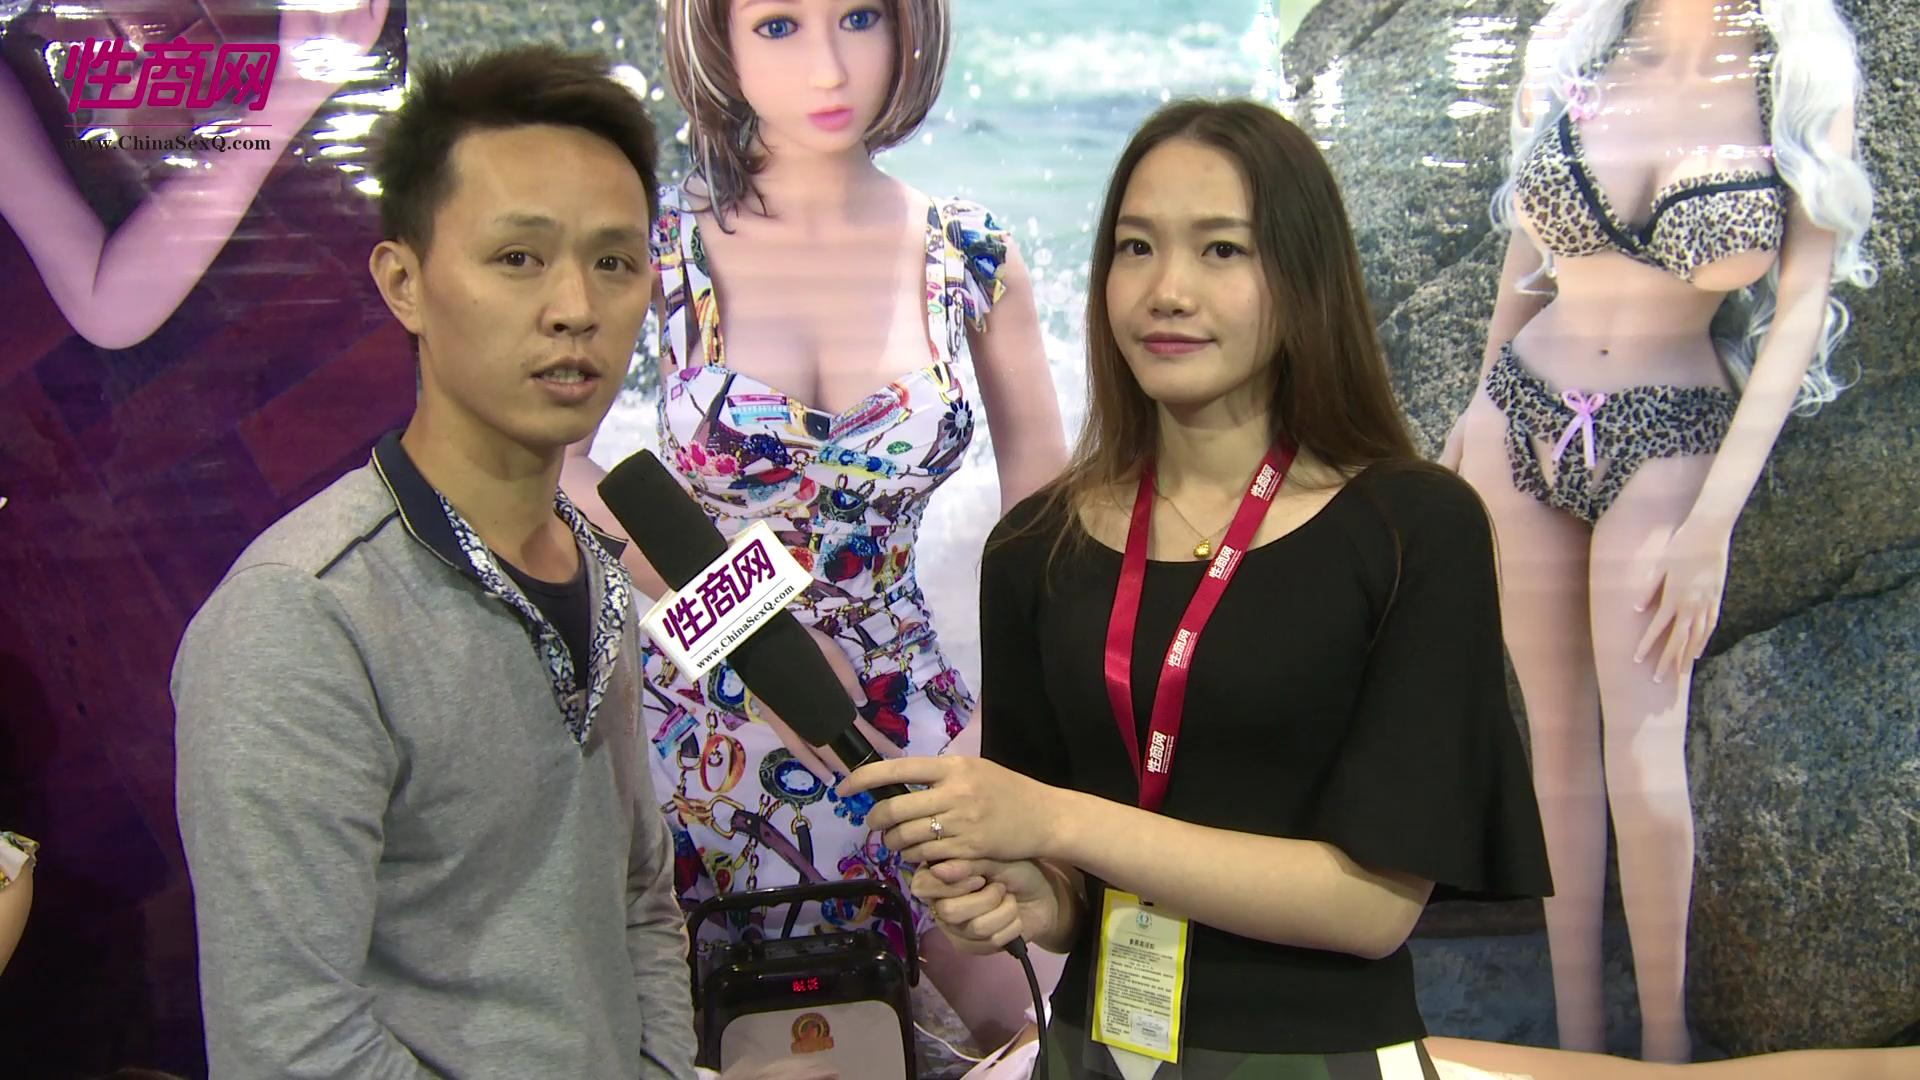 广州生益人体娃娃视频采访――2016广州性文化节性商专访图片1